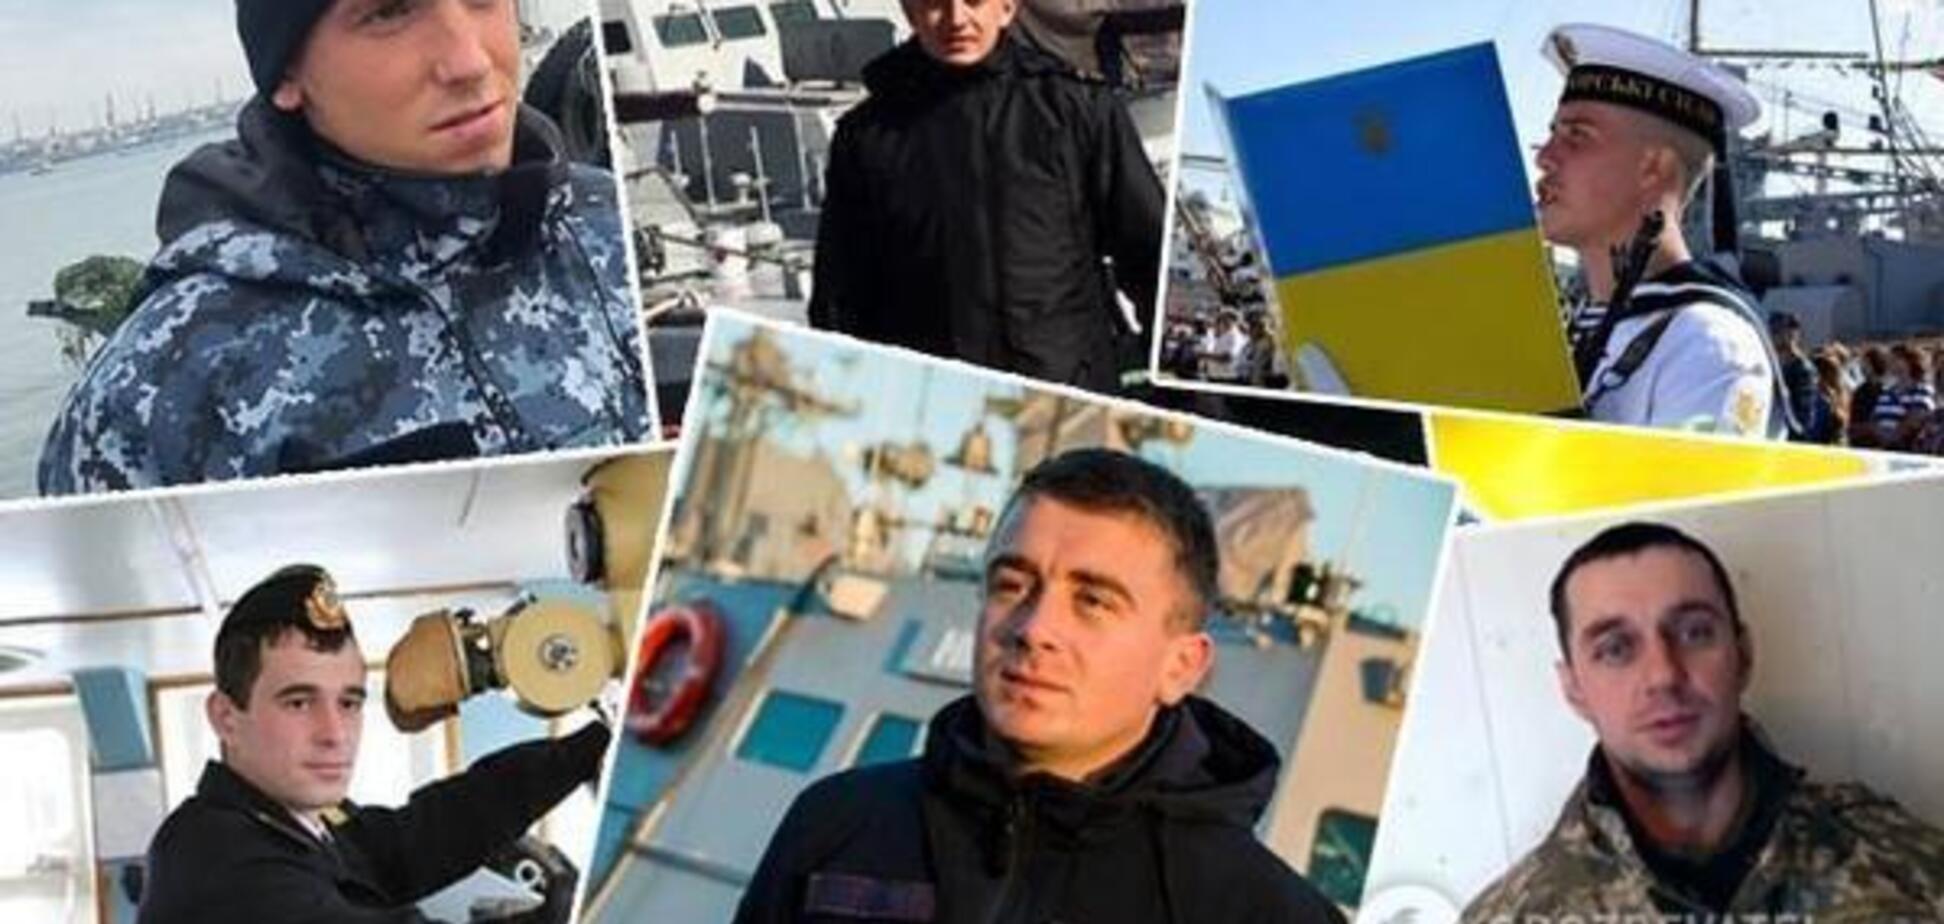 Захват моряков Украины в Черном море: раскрыто коварство России